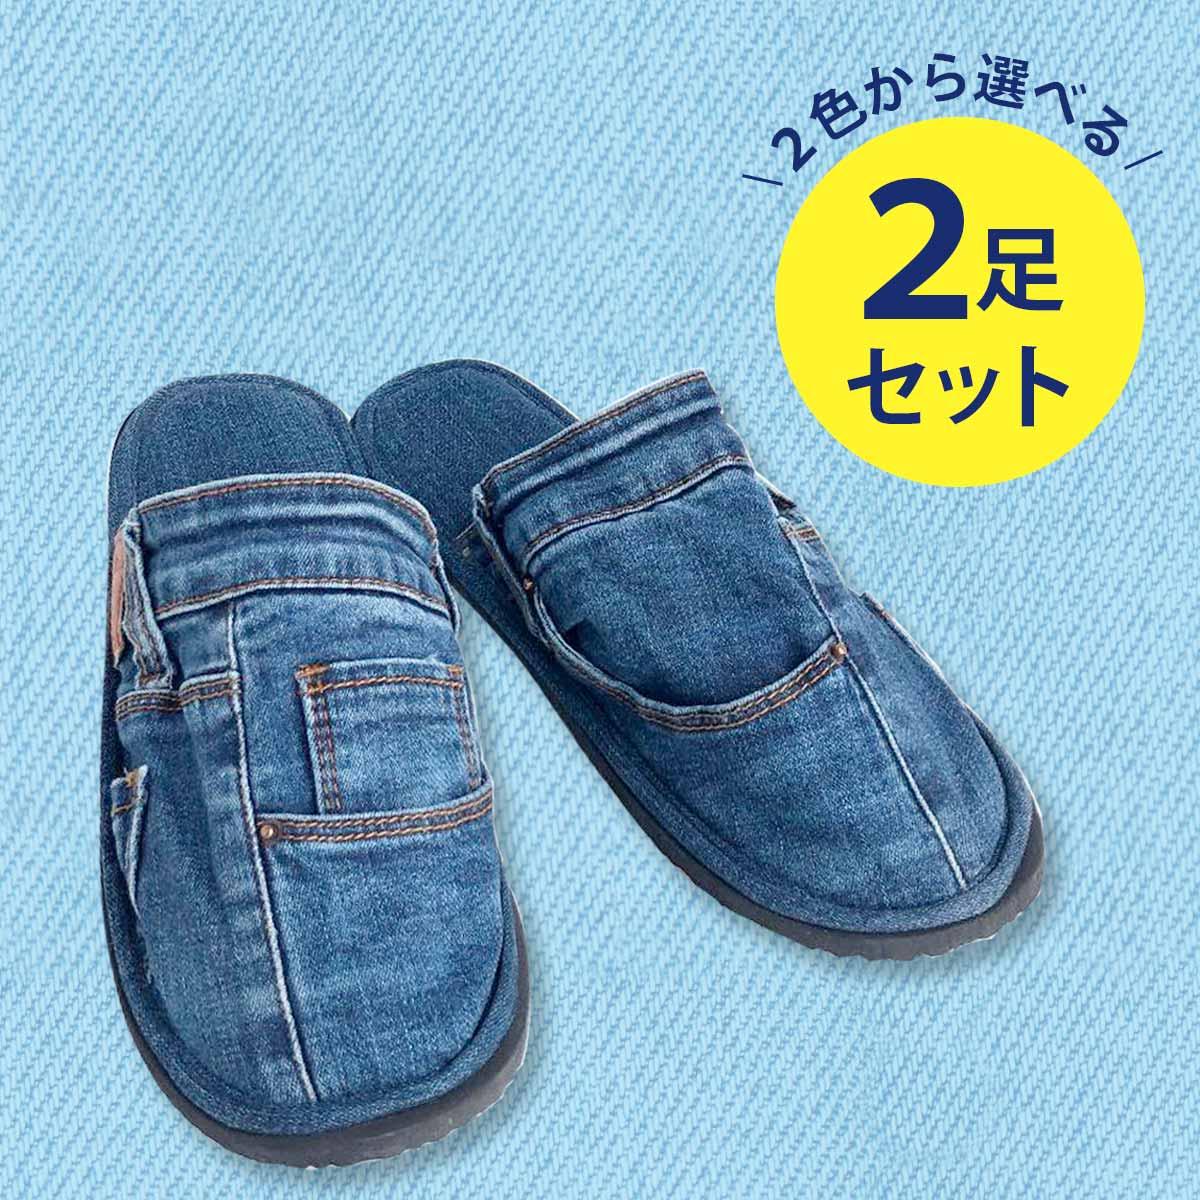 【2足セット】 リメイクデニムスリッパ(2色から選択可)